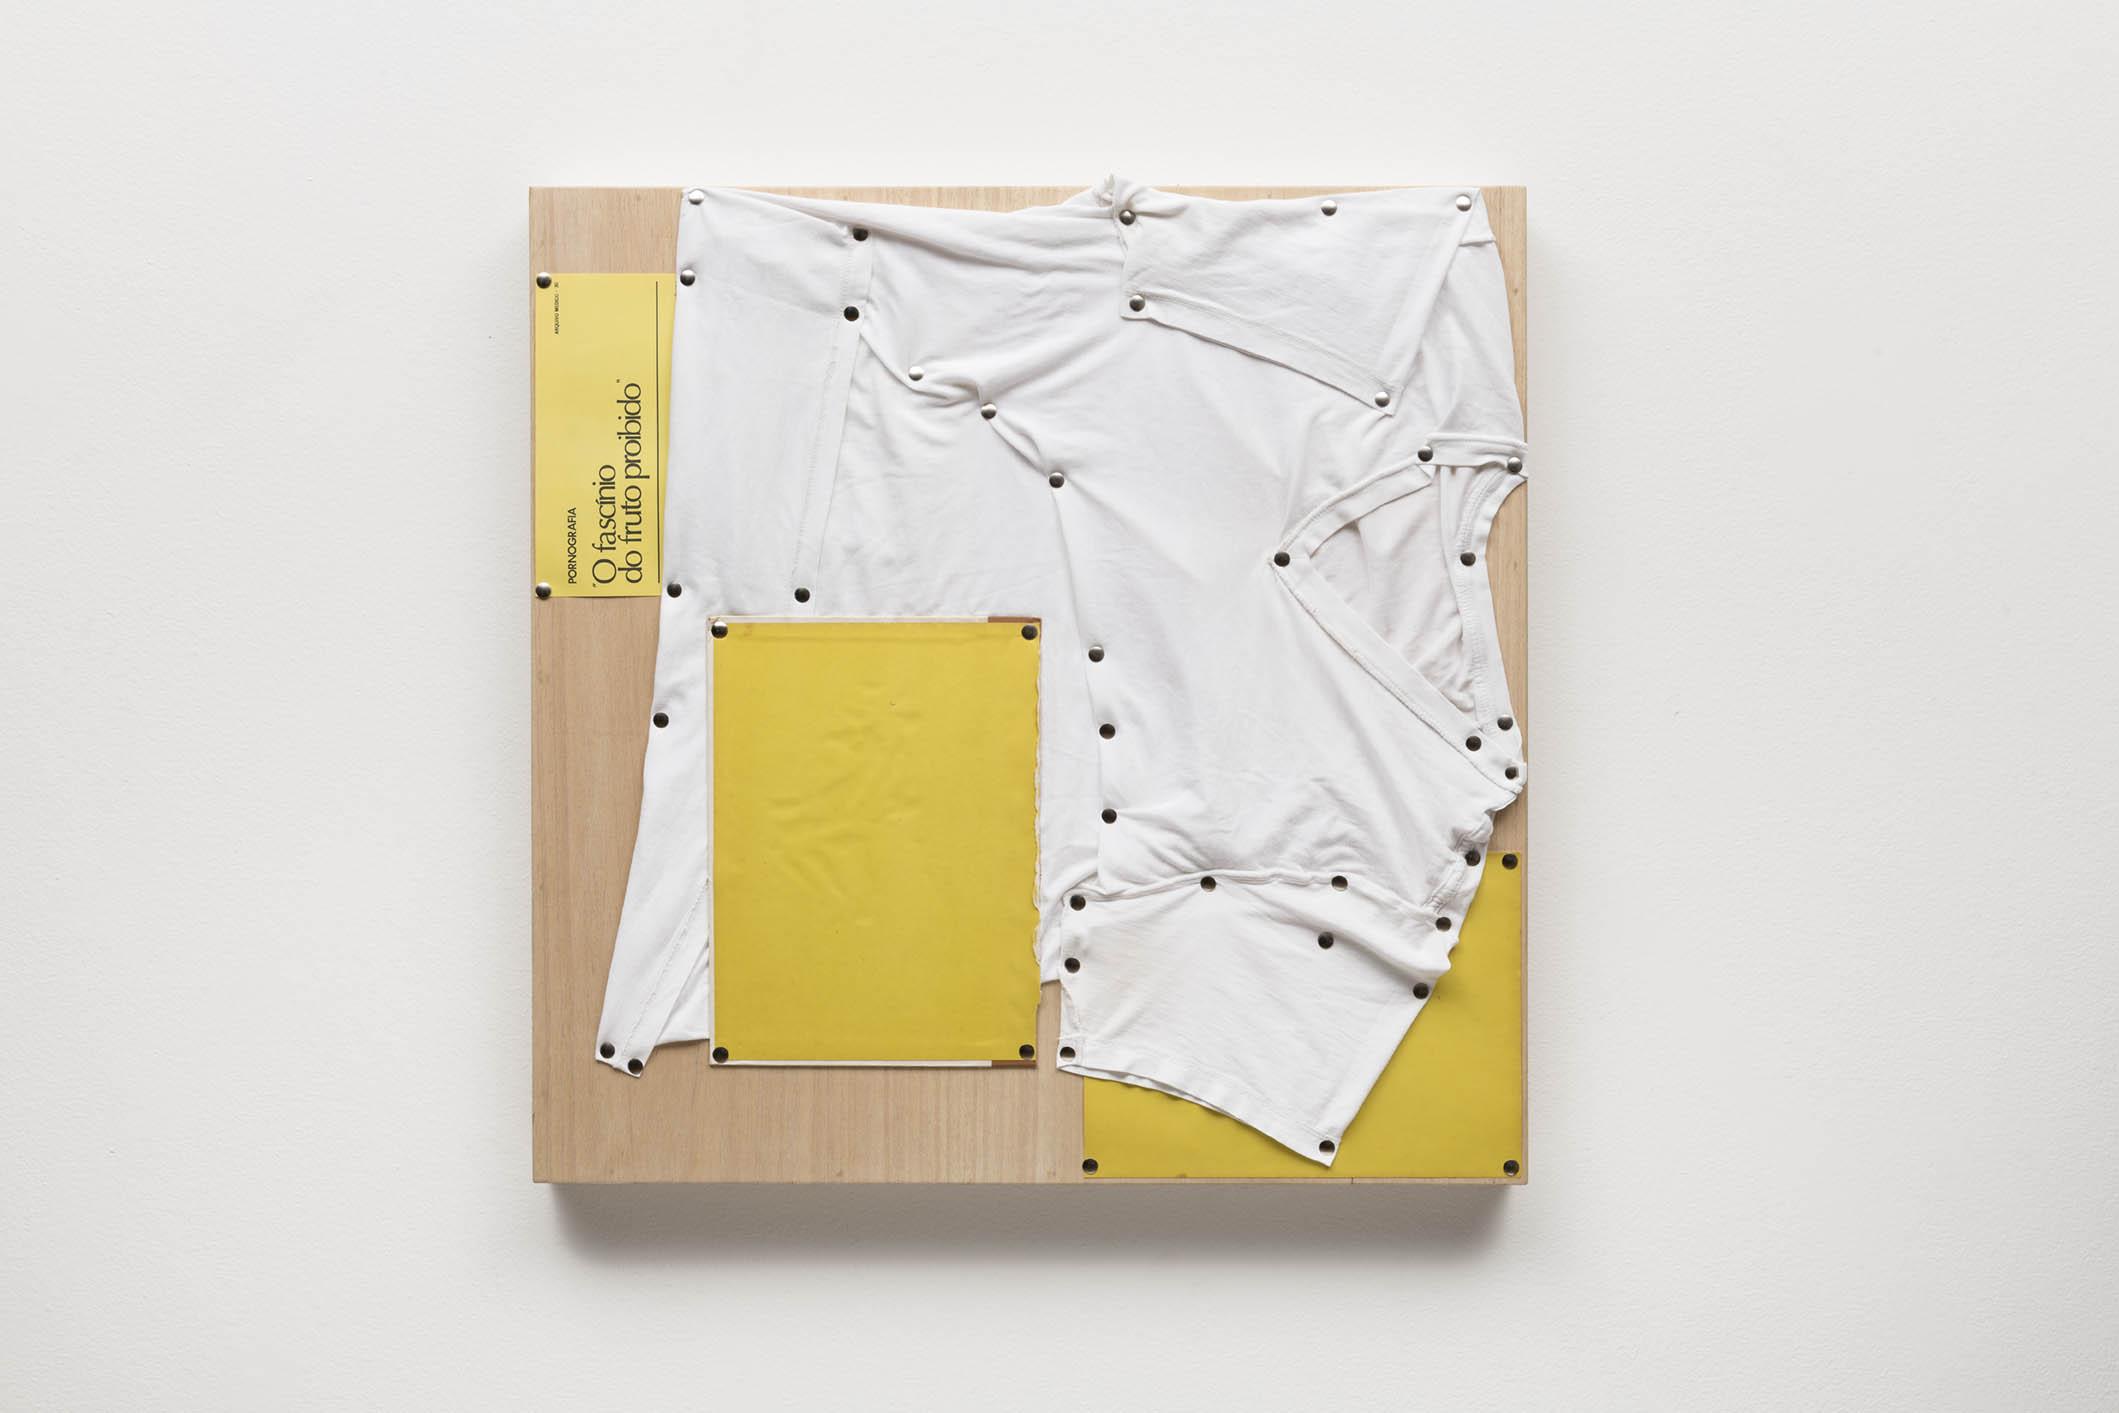 Spatial Constraints #2, 2019   camiseta, páginas de livro e pinos de aço sobre madeira |  plywood, t-shirts, book pages, steel pushpins   61 x 61 x 5 cm | 24 x 24 x 2 in